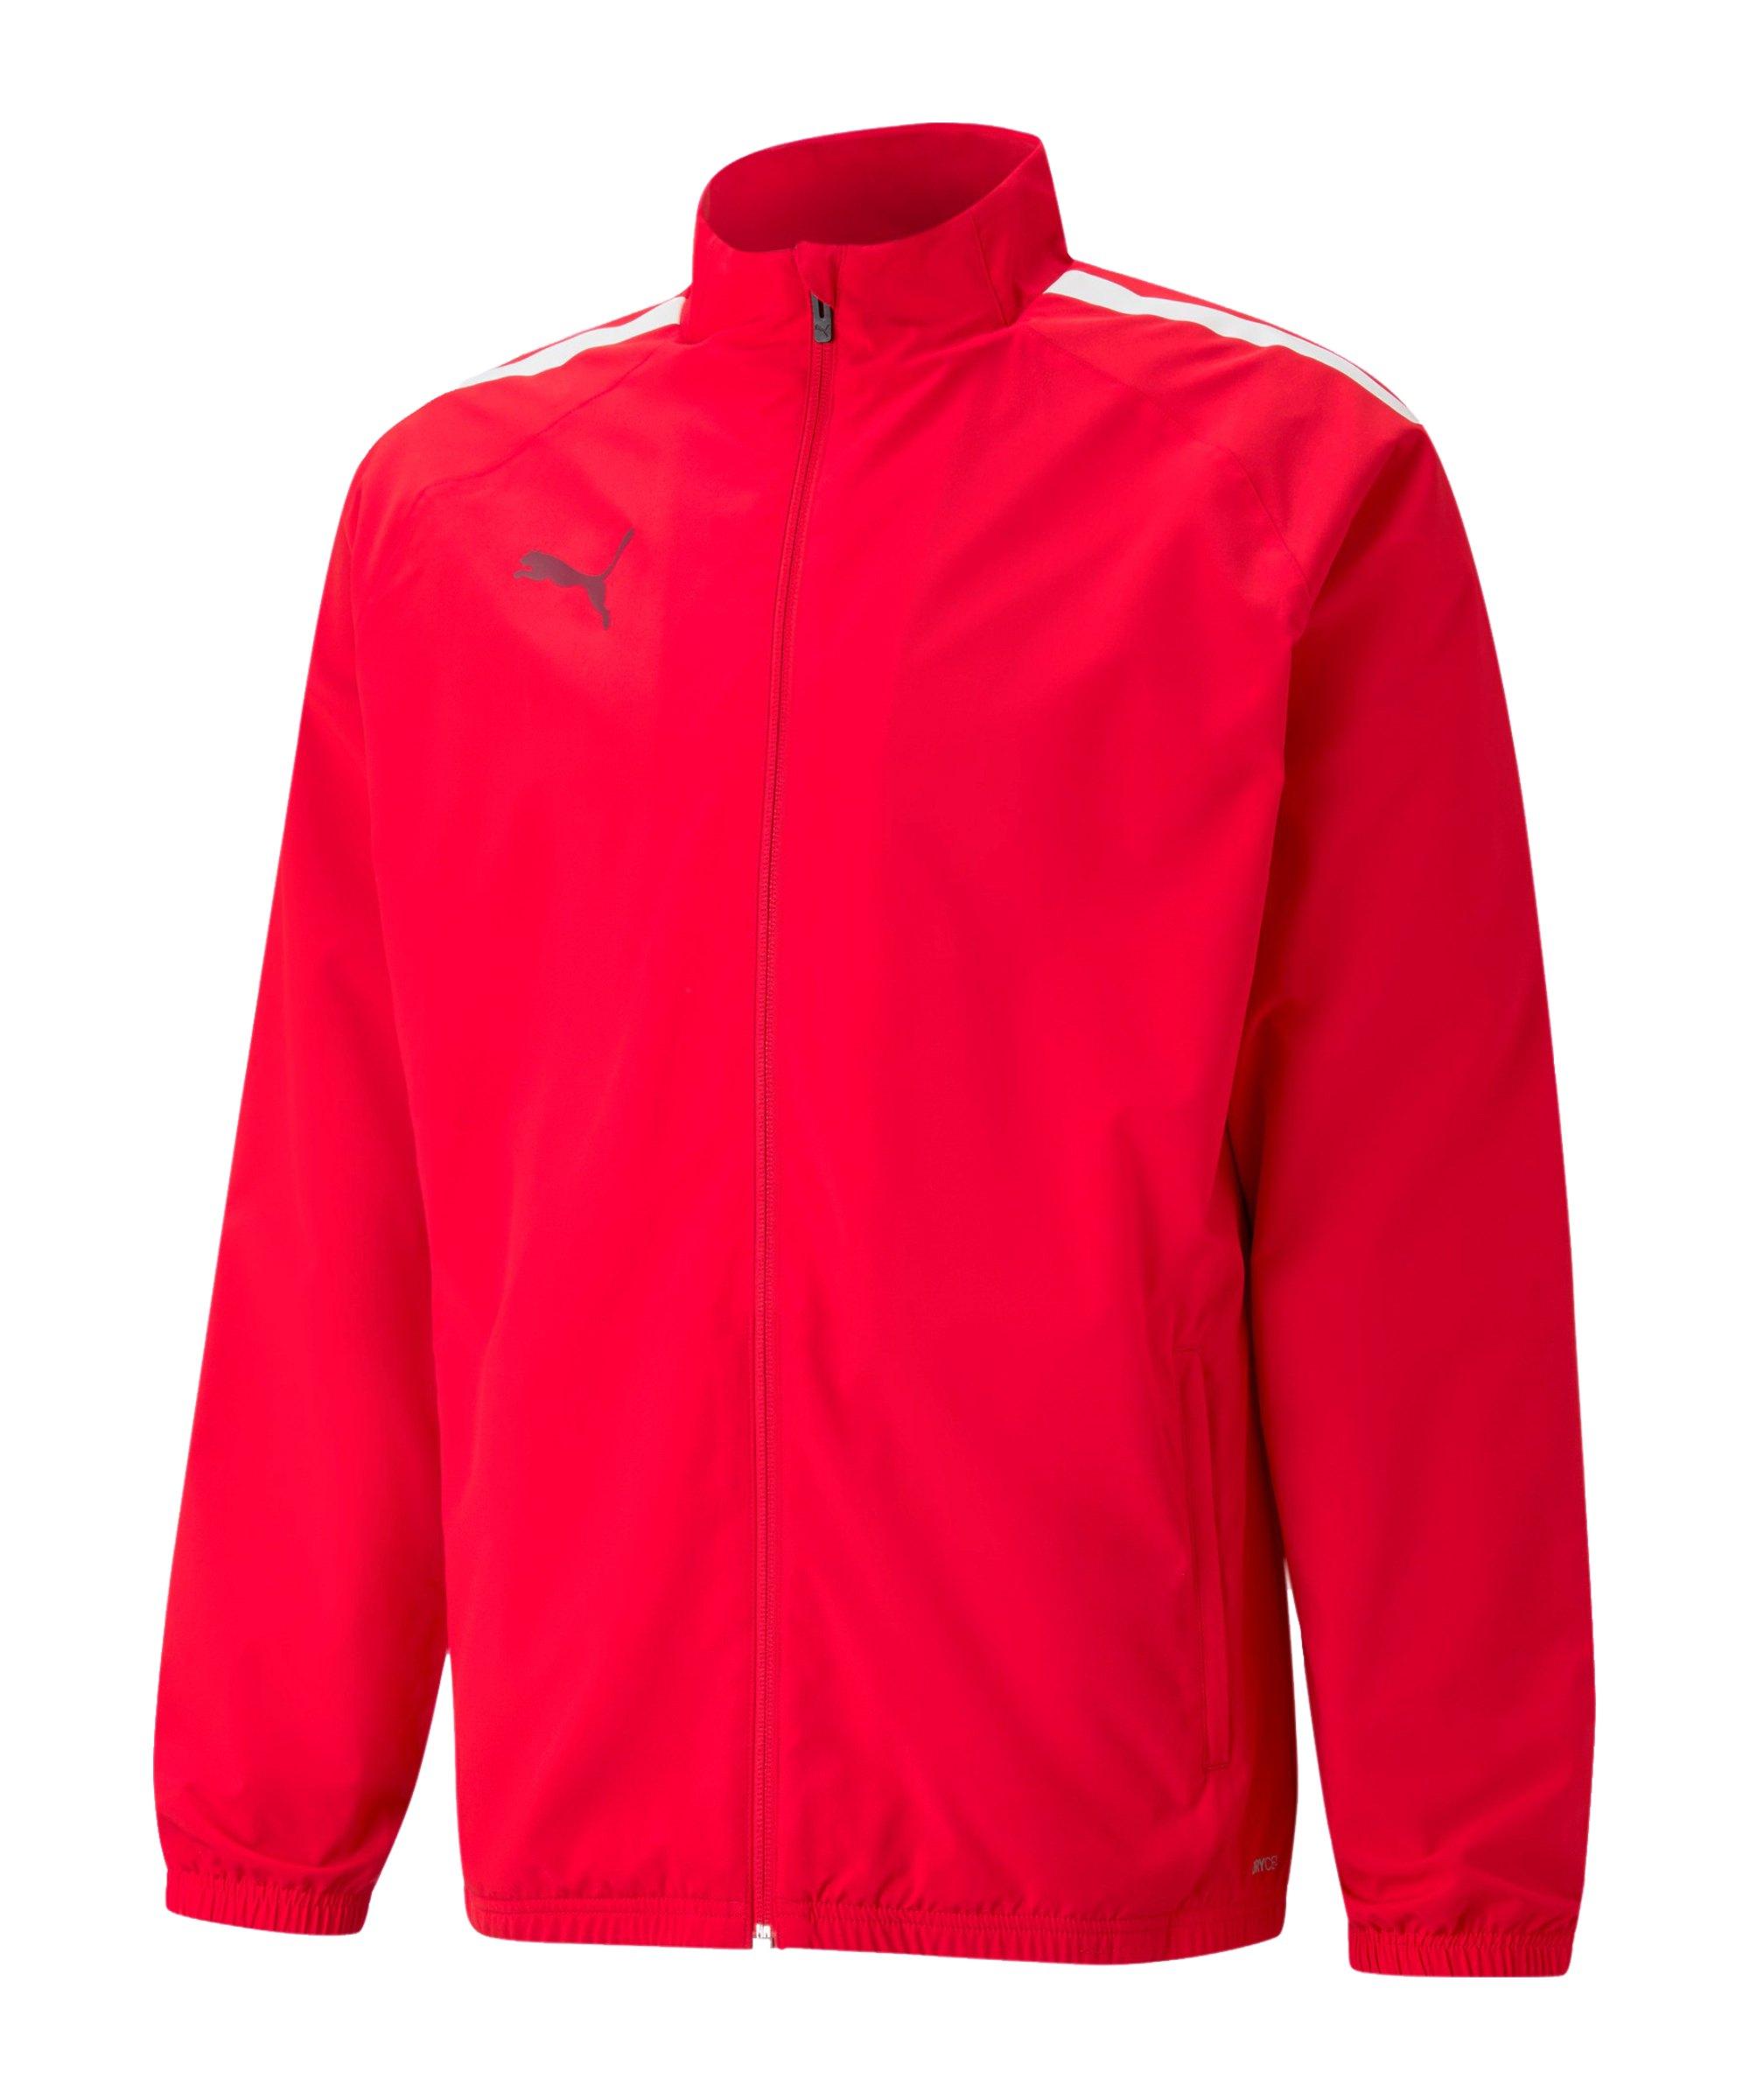 PUMA teamLIGA Sideline Jacke Rot F01 - rot